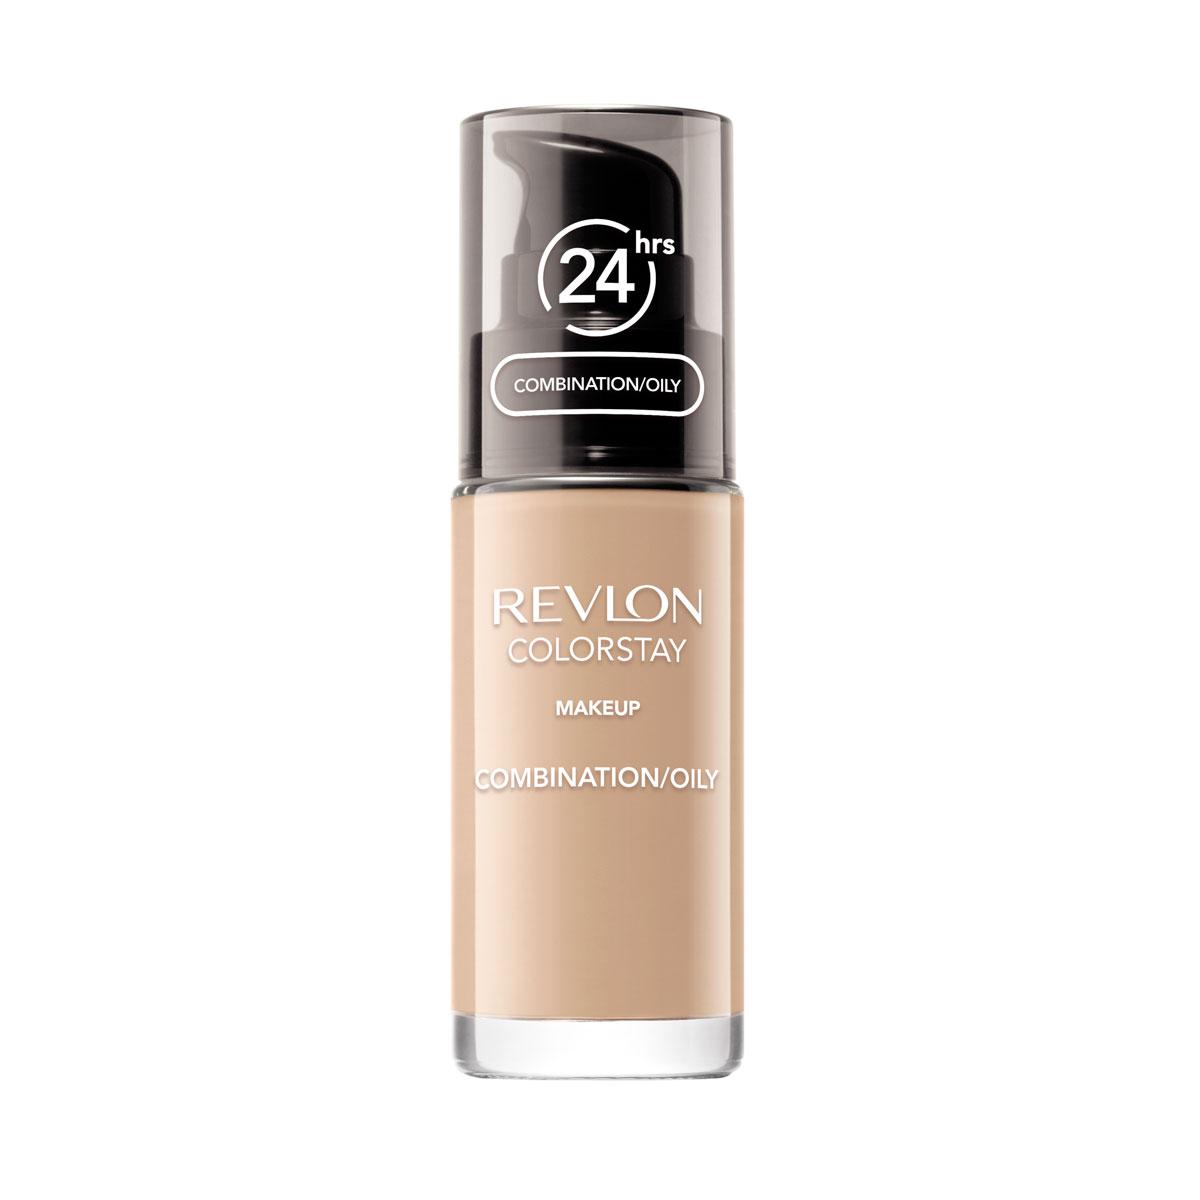 Revlon Тональный Крем для Комб-Жирн Кожи Colorstay Makeup For Combination-Oily Skin Fresh beige 250 30 мл7221552007Colorstay - легендарная коллекция тональных средств, выбор ведущих визажистов во всем мире! Colorstay Make Up For Combination / Oily Skin - тональный крем с удивительно легкой текстурой идеально выравнивает тон и рельеф кожи, защищает от появления жирного блеска. Colorstay™ дарит коже приятную матовость, сохраняет макияж безупречным надолго - гарантированная стойкость в течение 24 часов! Предназначен для смешанной и жирной кожи.Наносите крем легкими разглаживающими движениями от центра к контурам с помощью кисти или пальцев, затем растушуйте на границе нанесения: у линии роста волос, в области шеи и ушей.